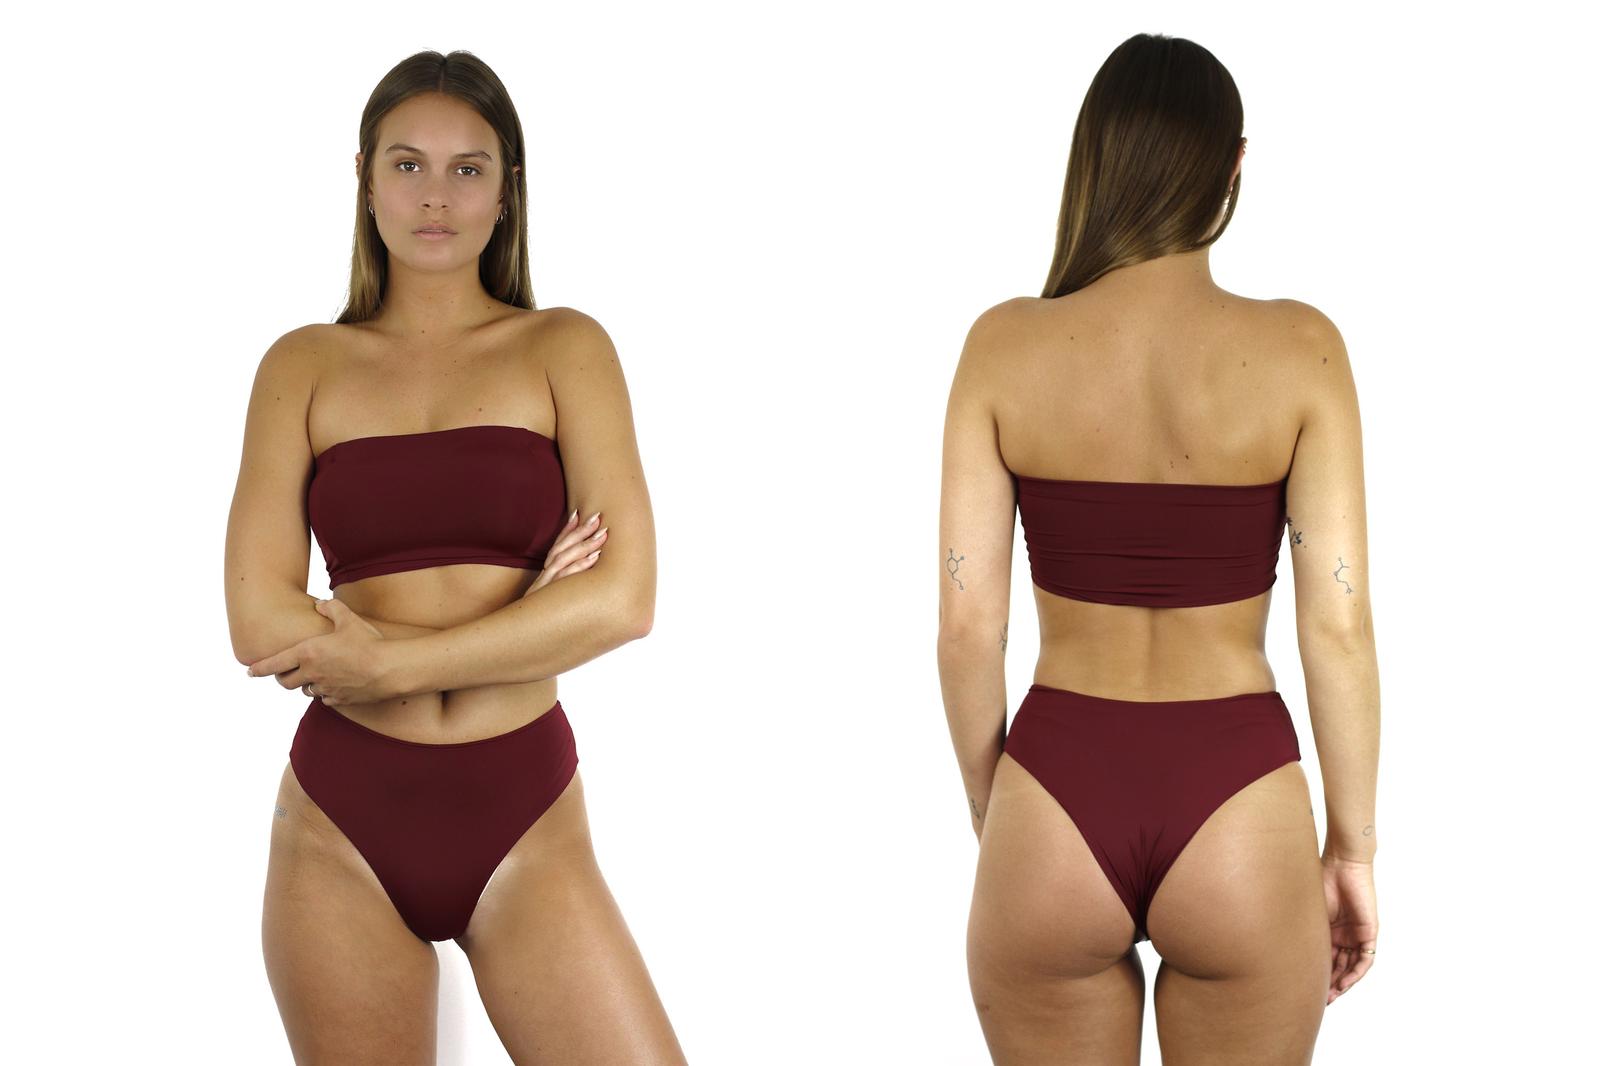 0bb1cde694a1a Kourtney Kardashian Bares Her Badonk in High-Waist Thong Bikini -  Cosmopolitan.com